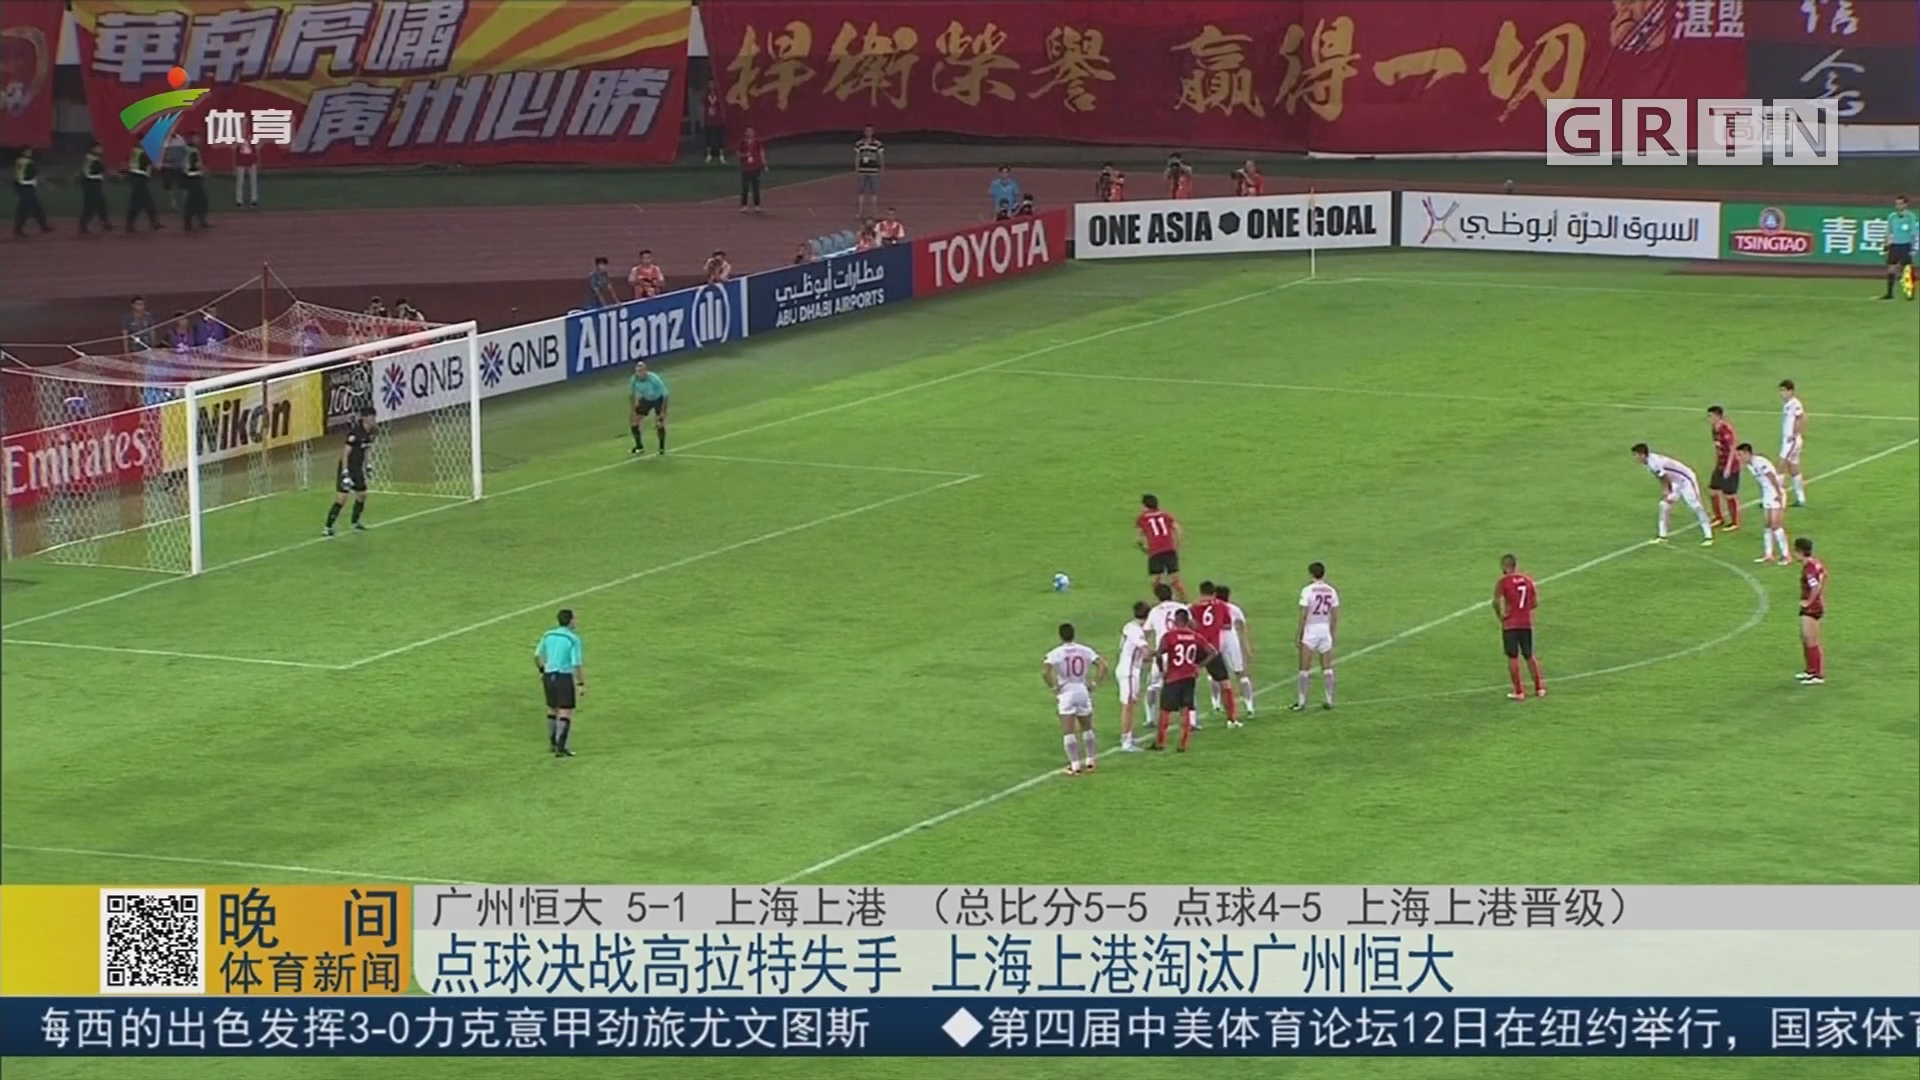 点球决战高拉特失手 上海上港淘汰广州恒大